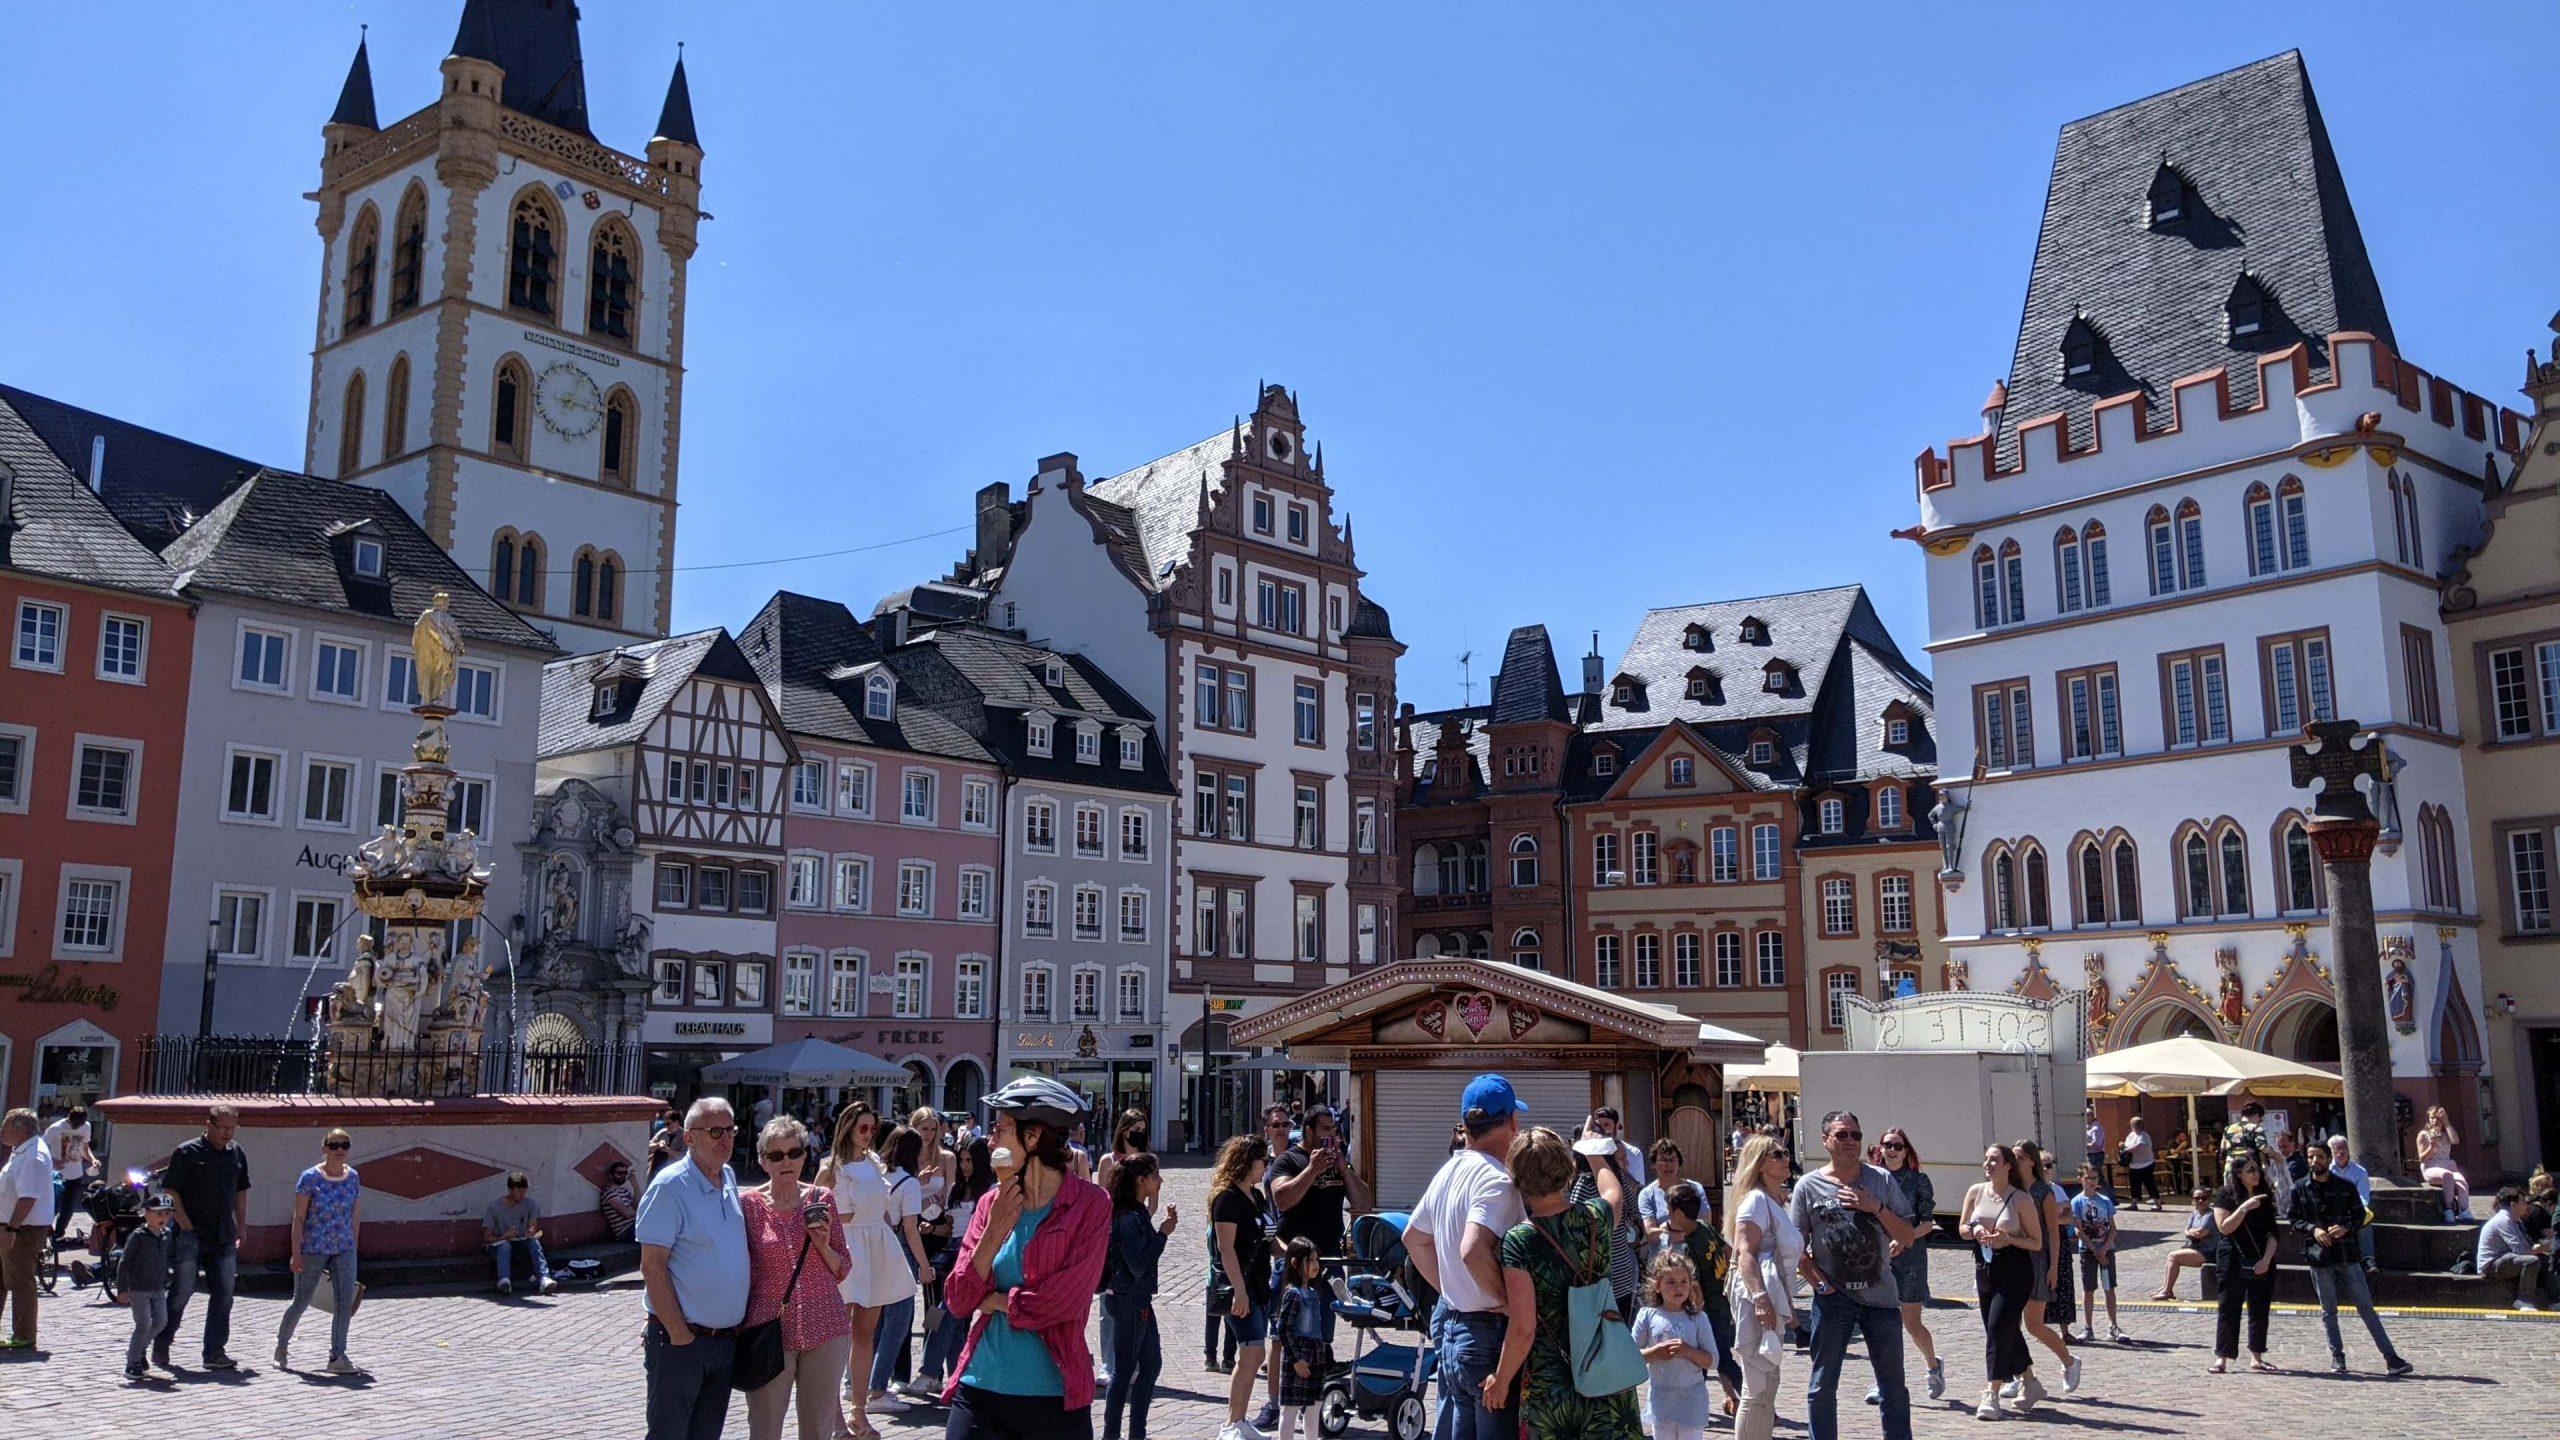 ハウプト広場(Hauptmarkt)